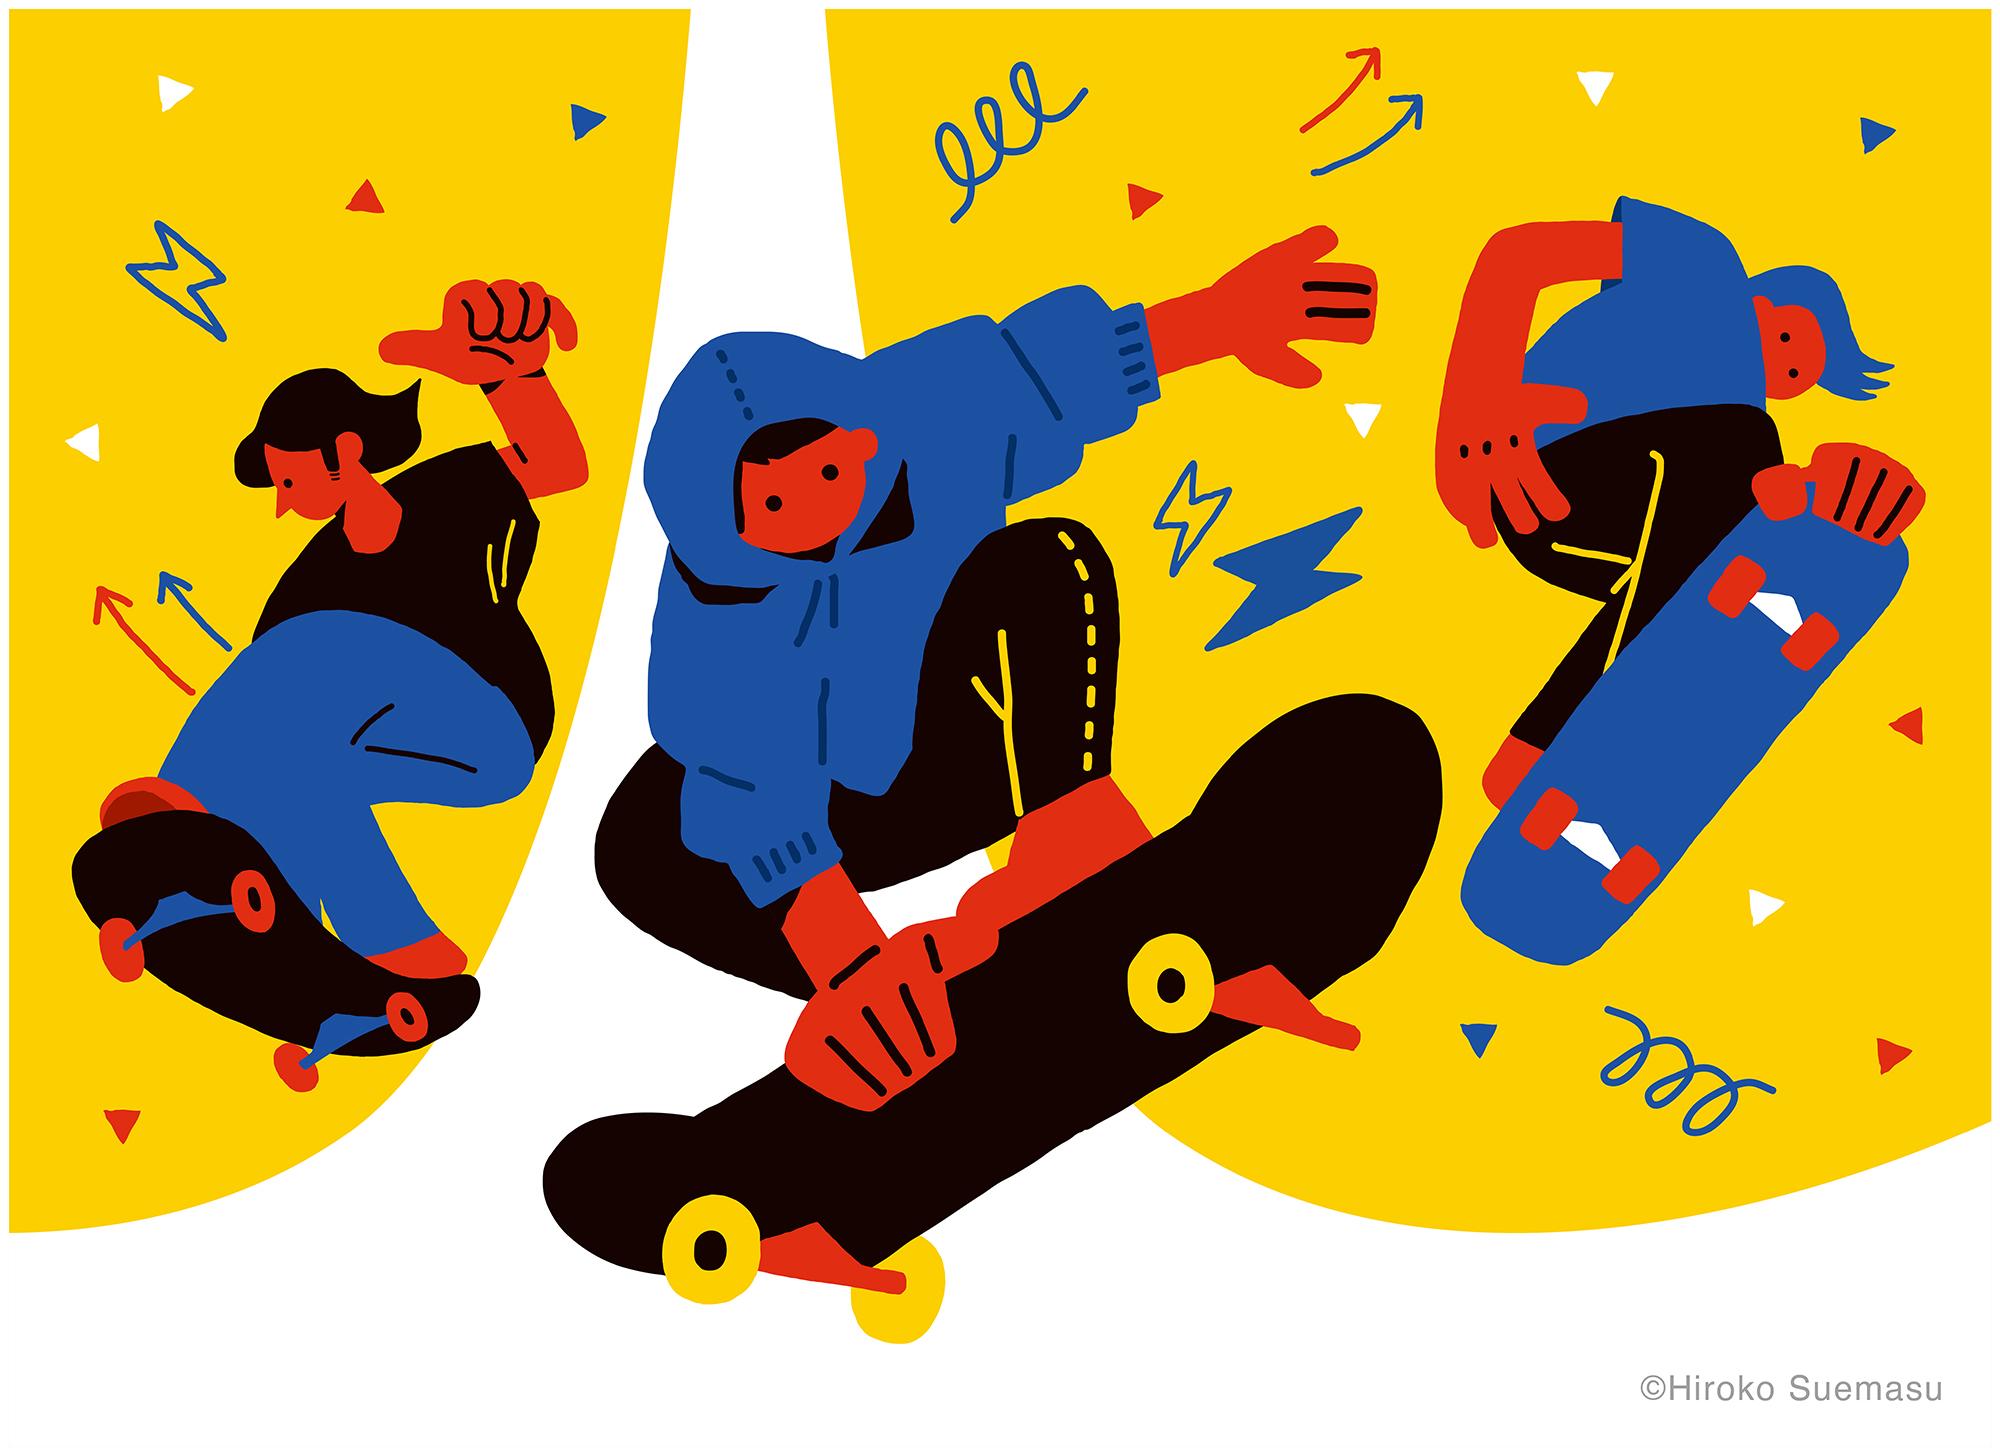 スケートボードをする男の子のイラストです